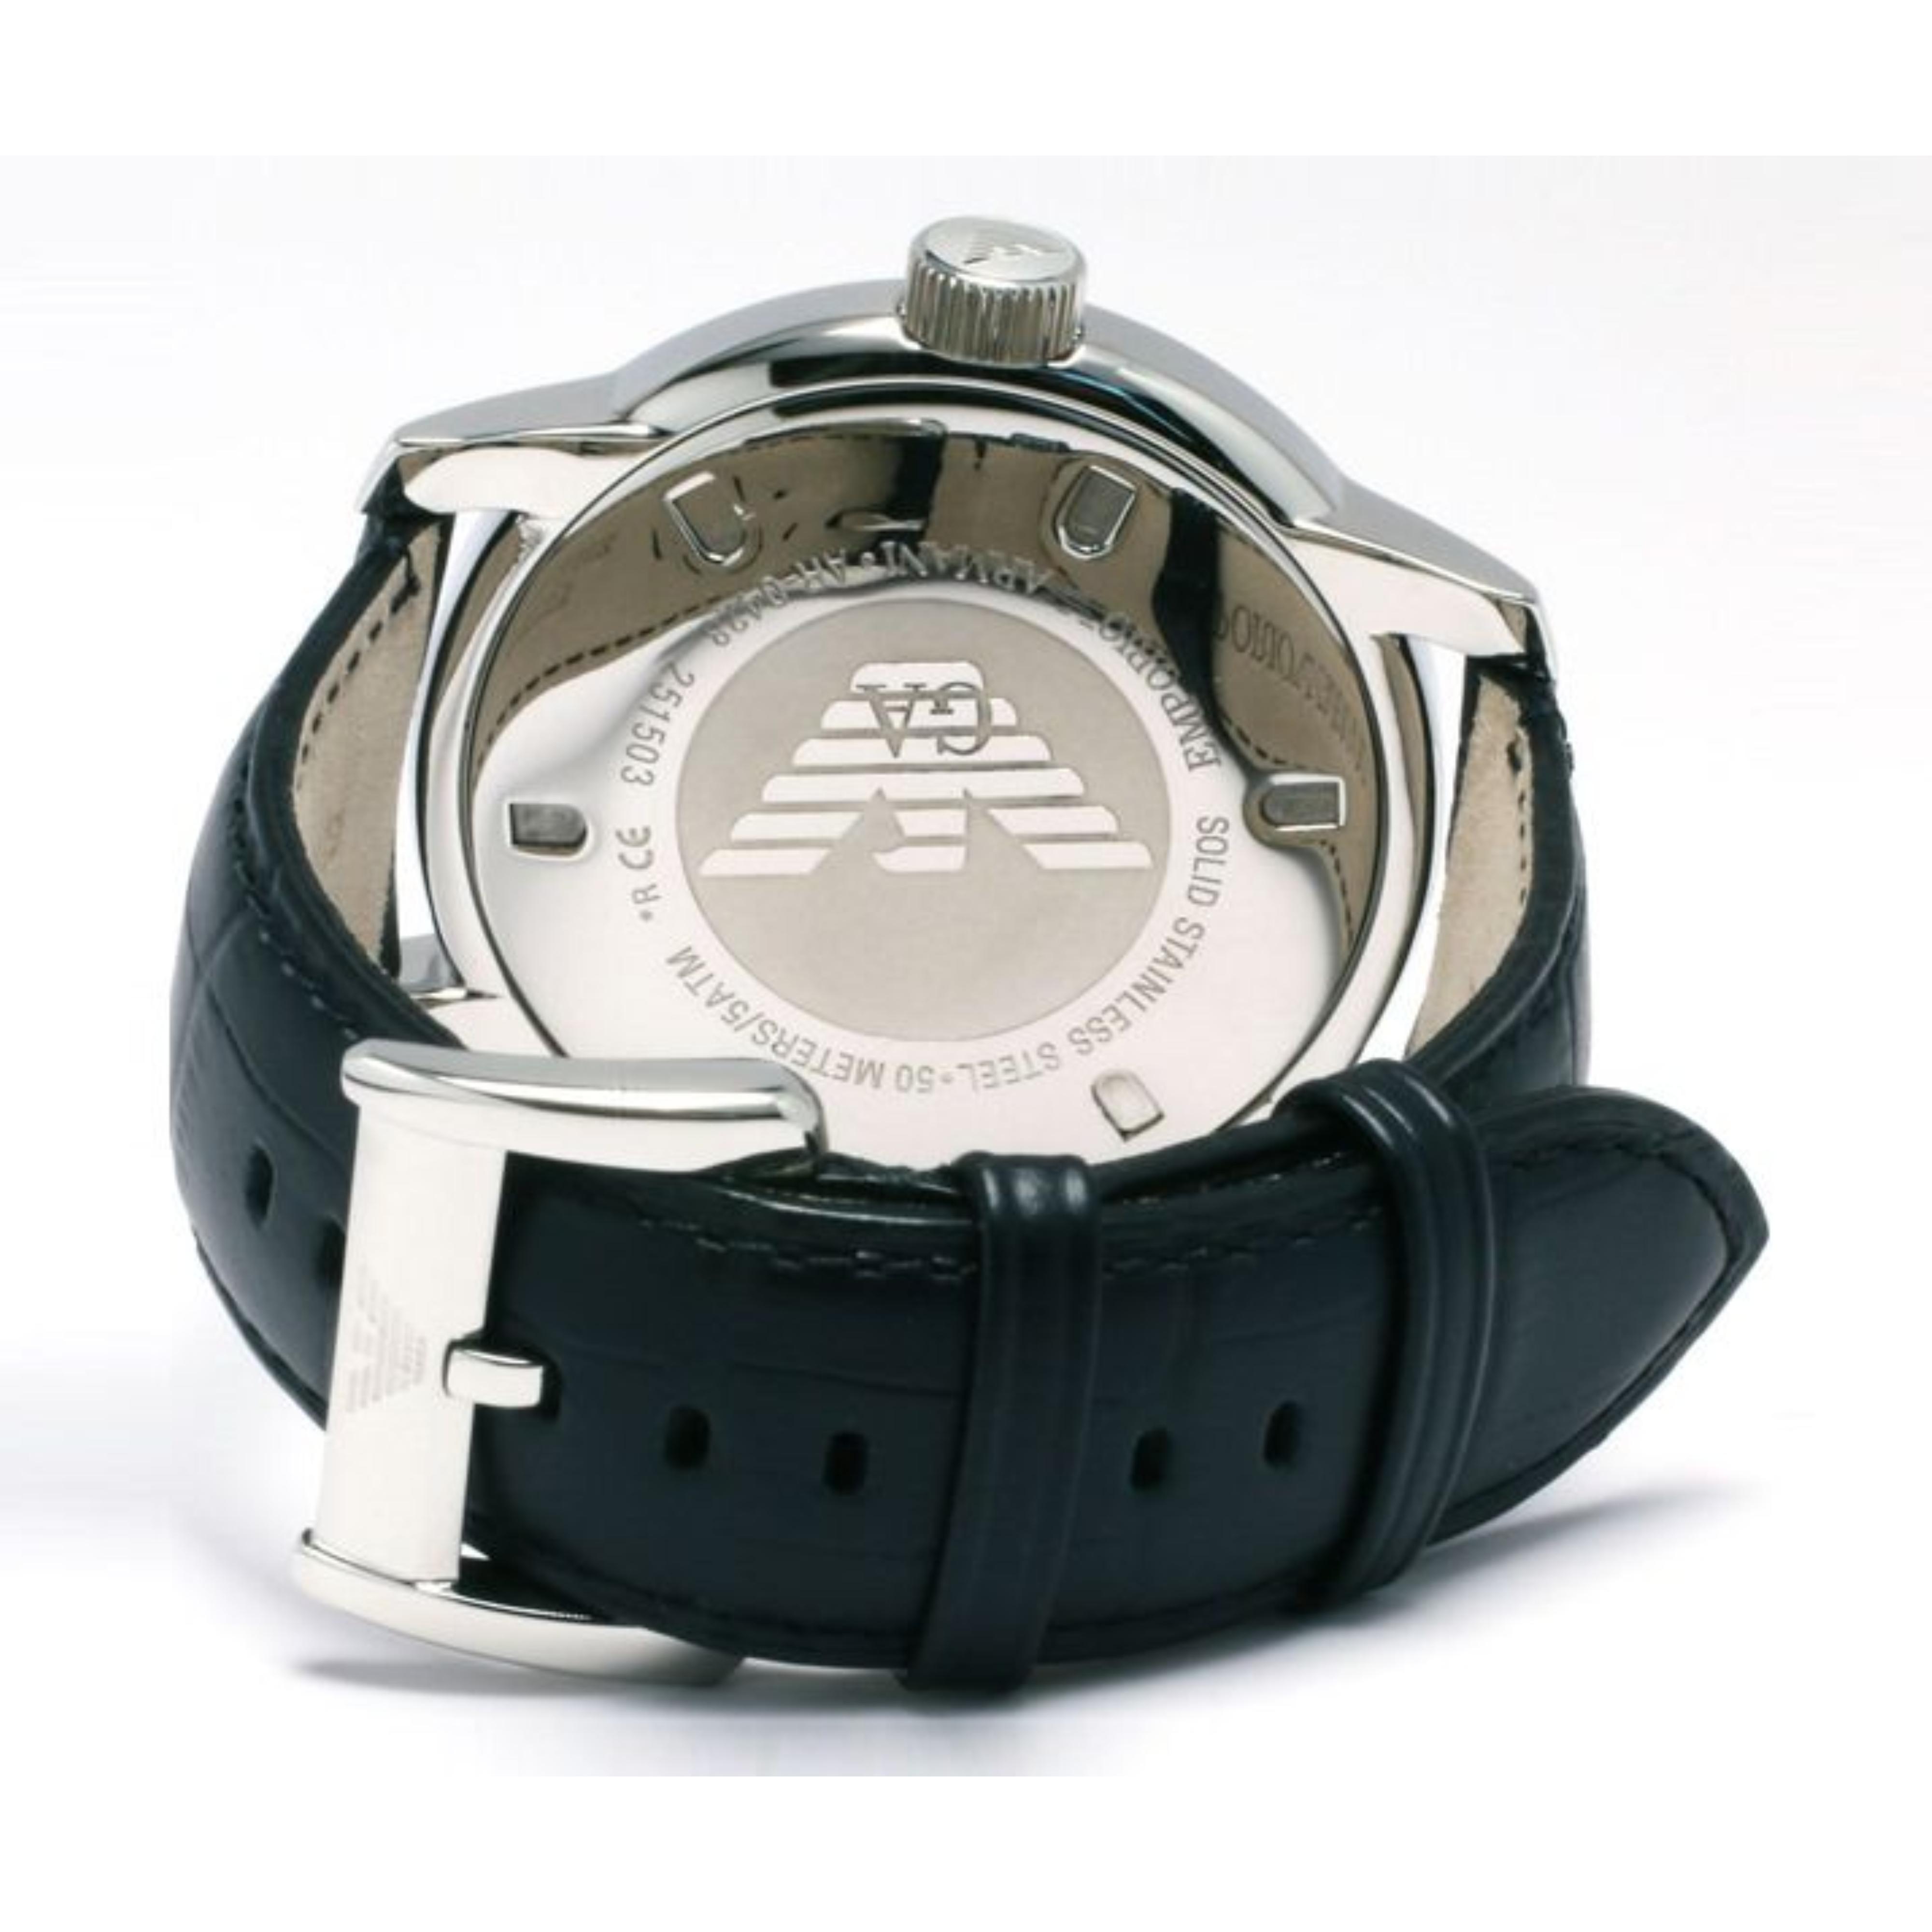 62dfdb6a79e Emporio Armani Classic Men s Watch